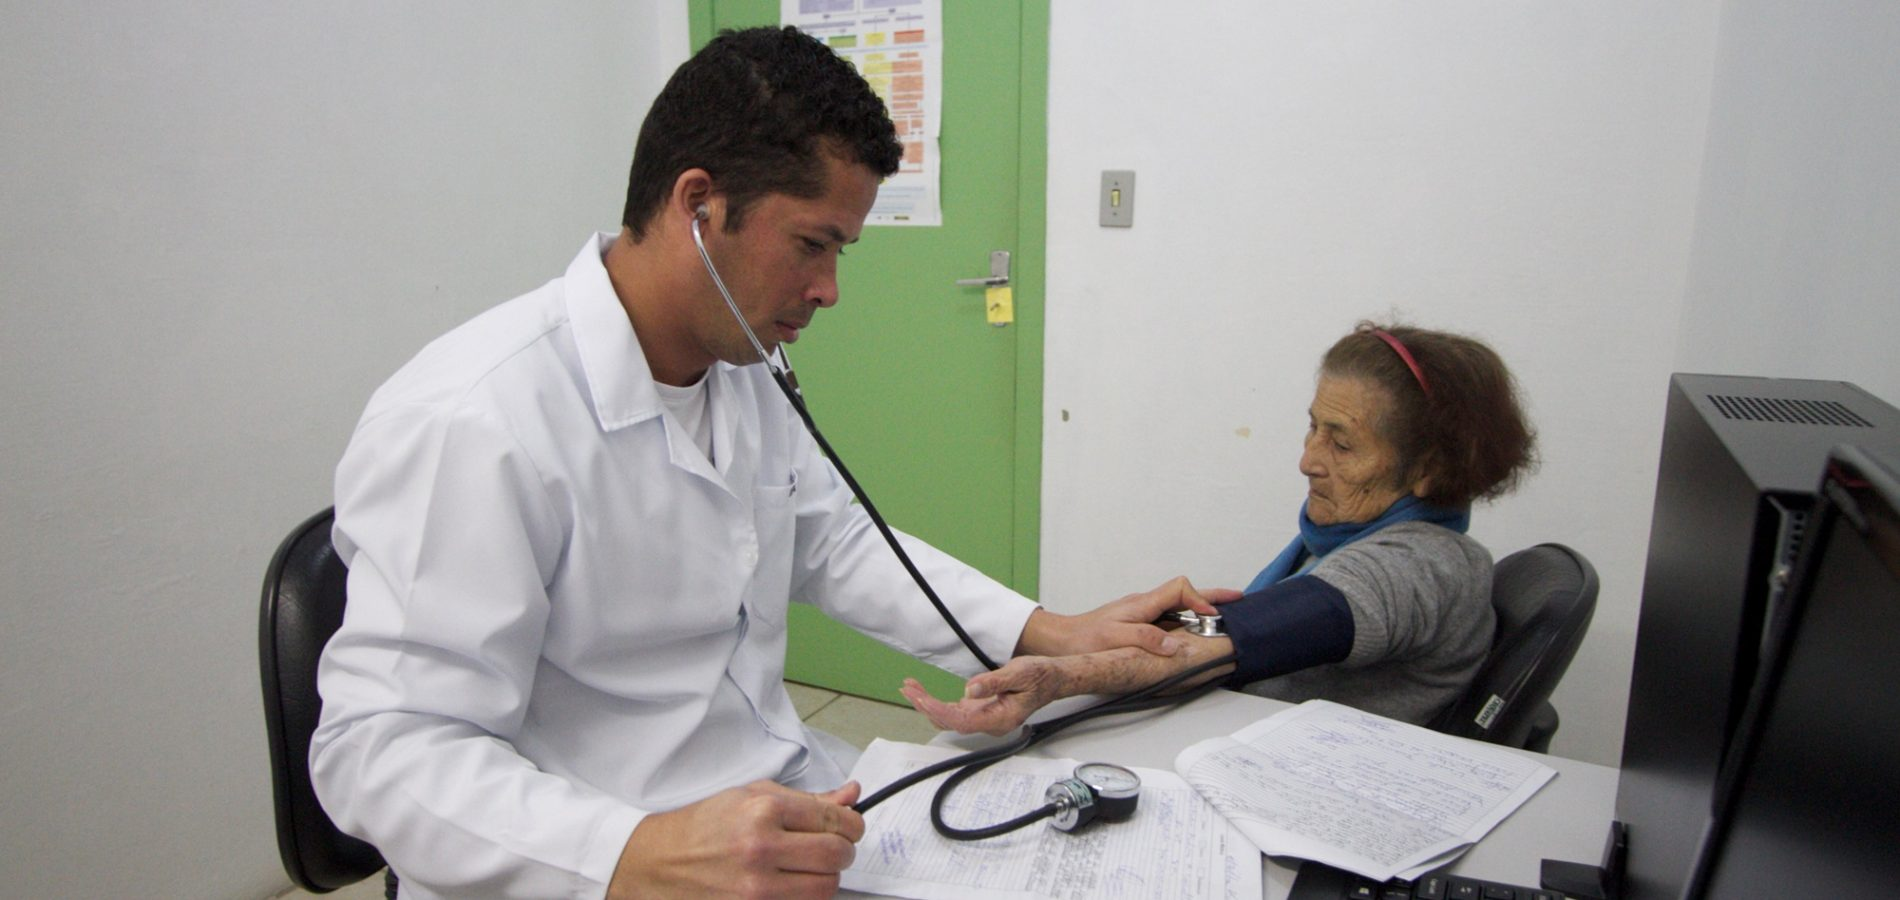 Aumenta para 33 o número de médicos que iniciaram atividades no Piauí